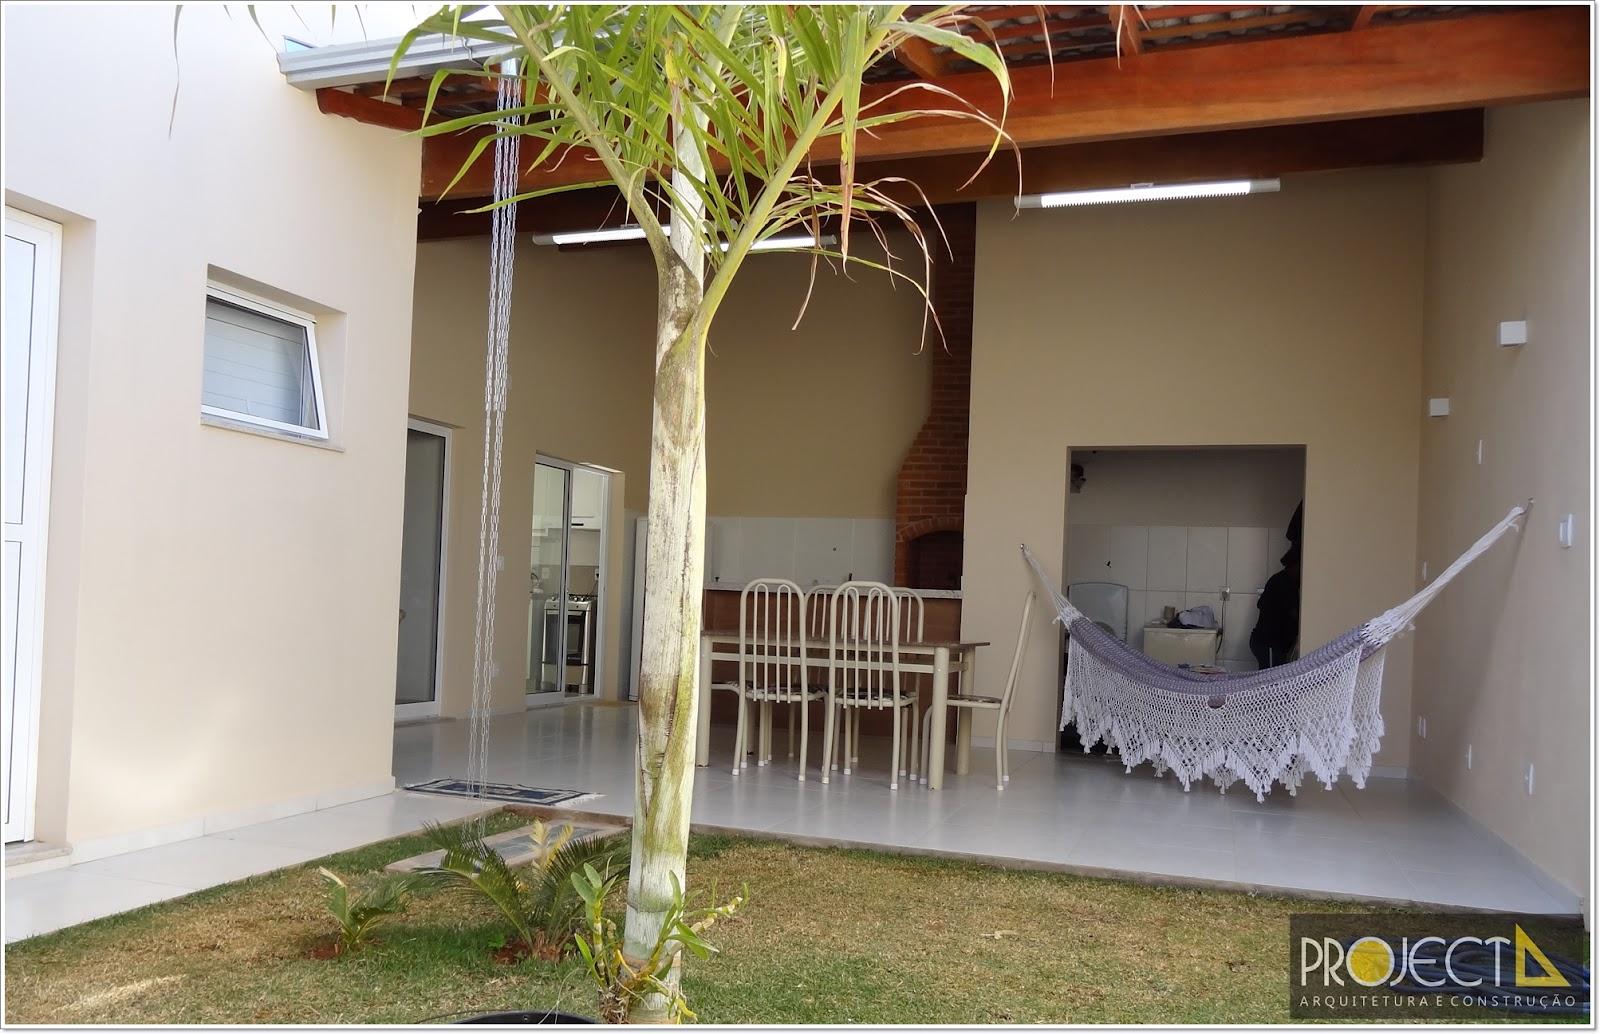 Projecta Arquitetura e Construção: Residência em Araxá MG #9F742C 1600 1034